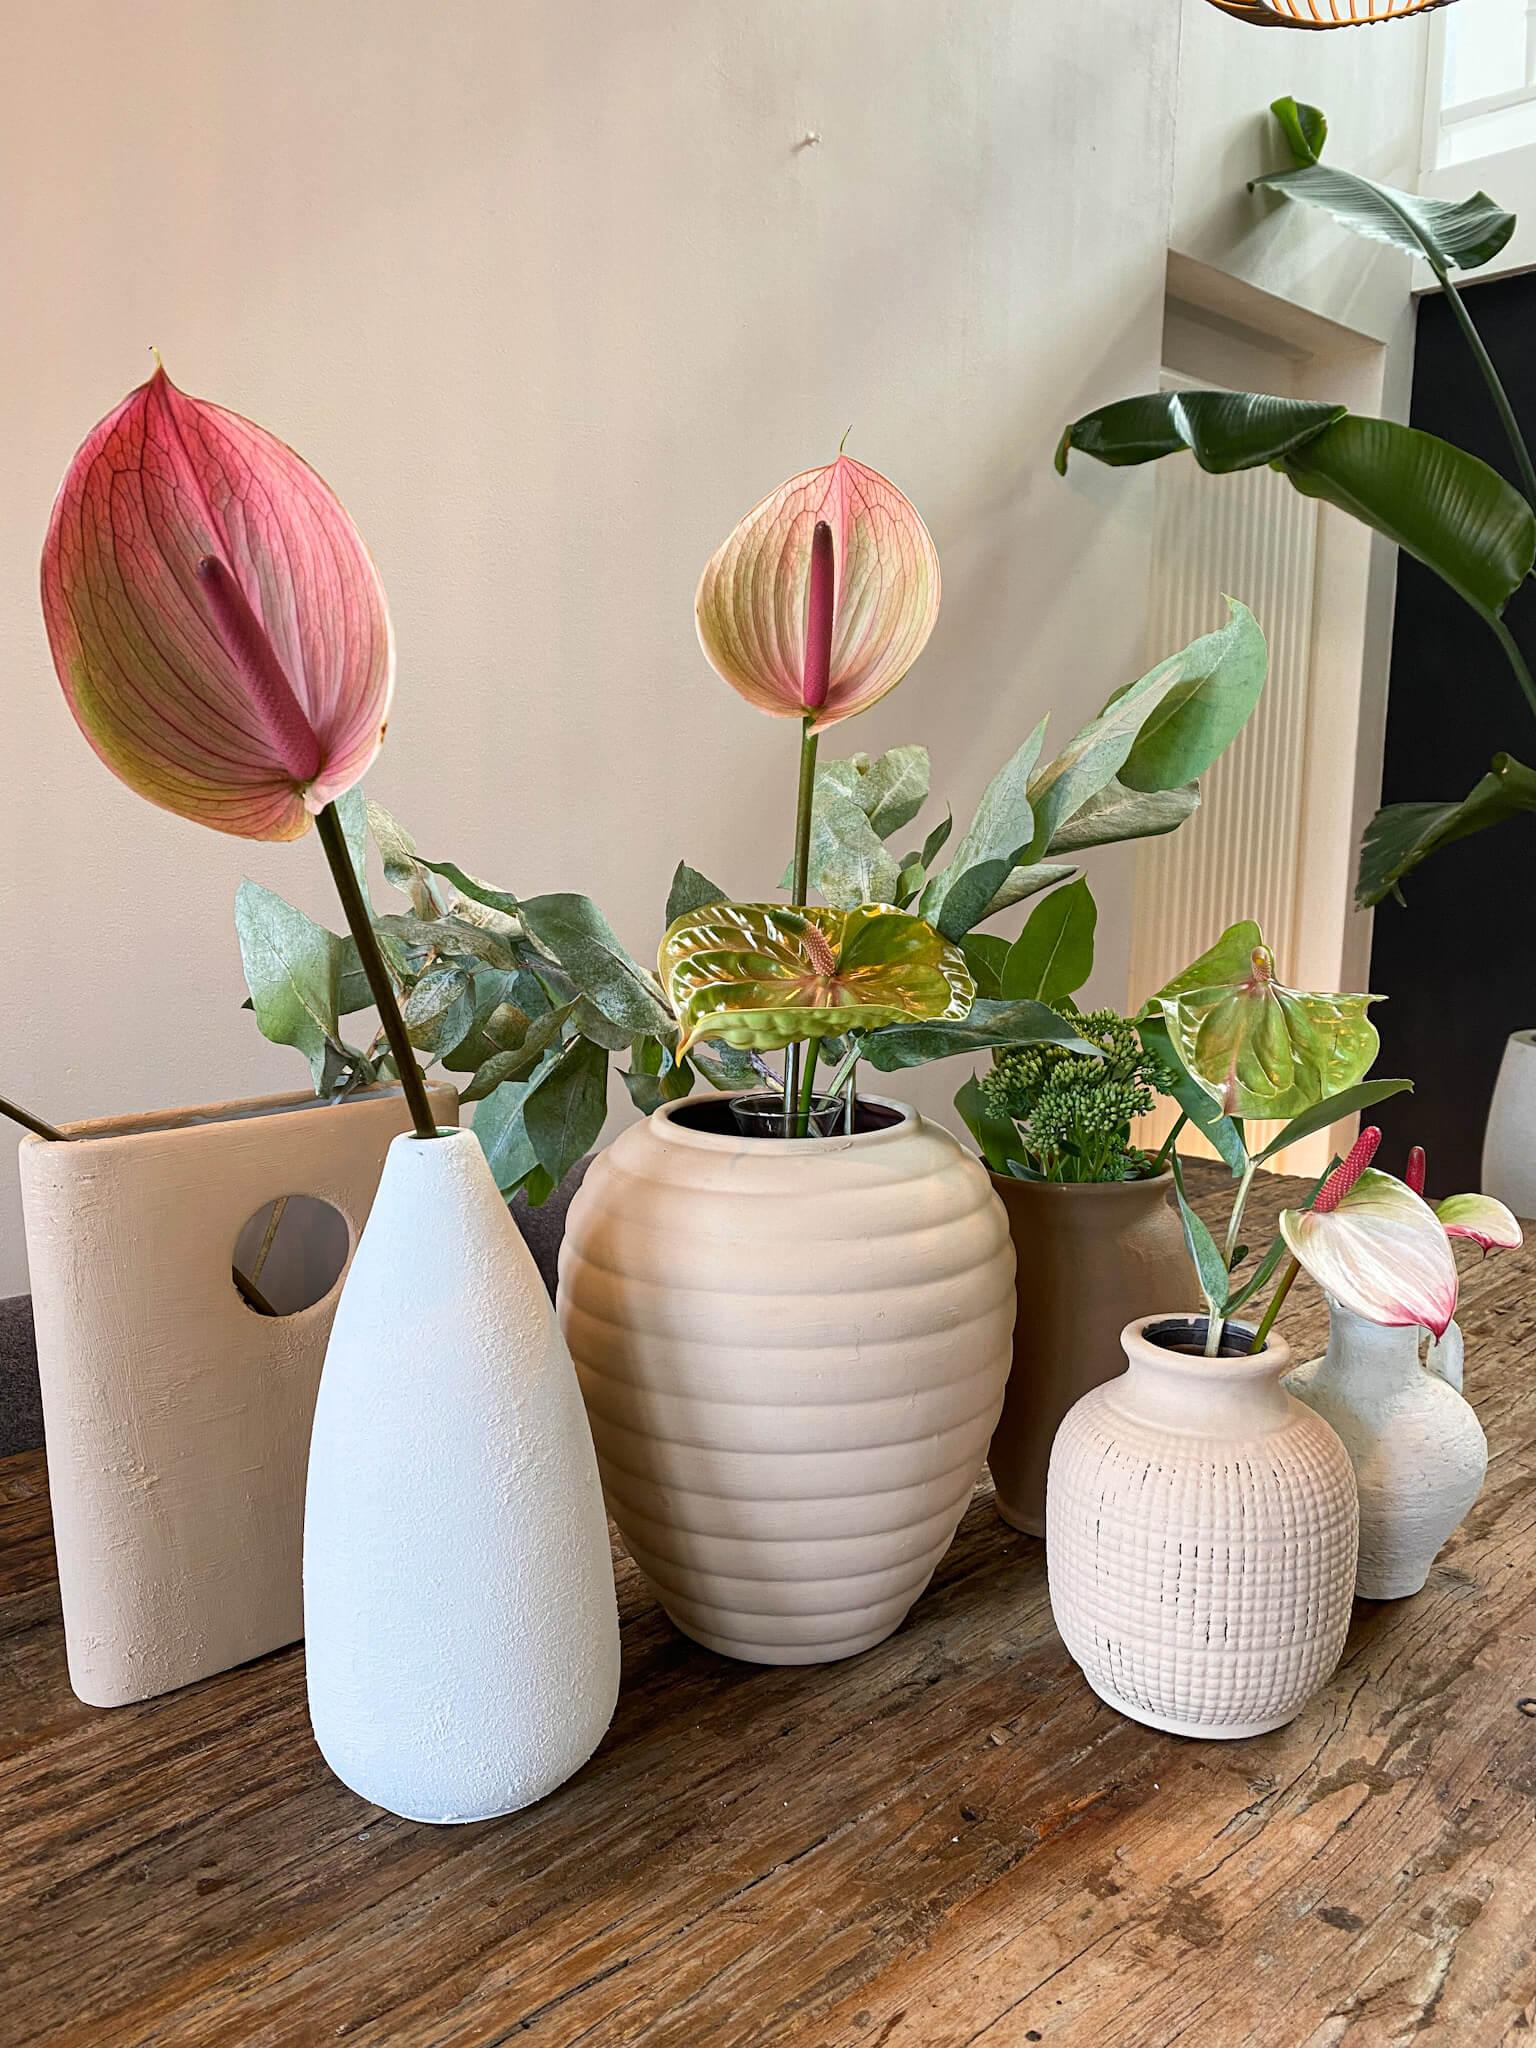 Une nouvelle vie pour vos vieux vases et bocaux vides